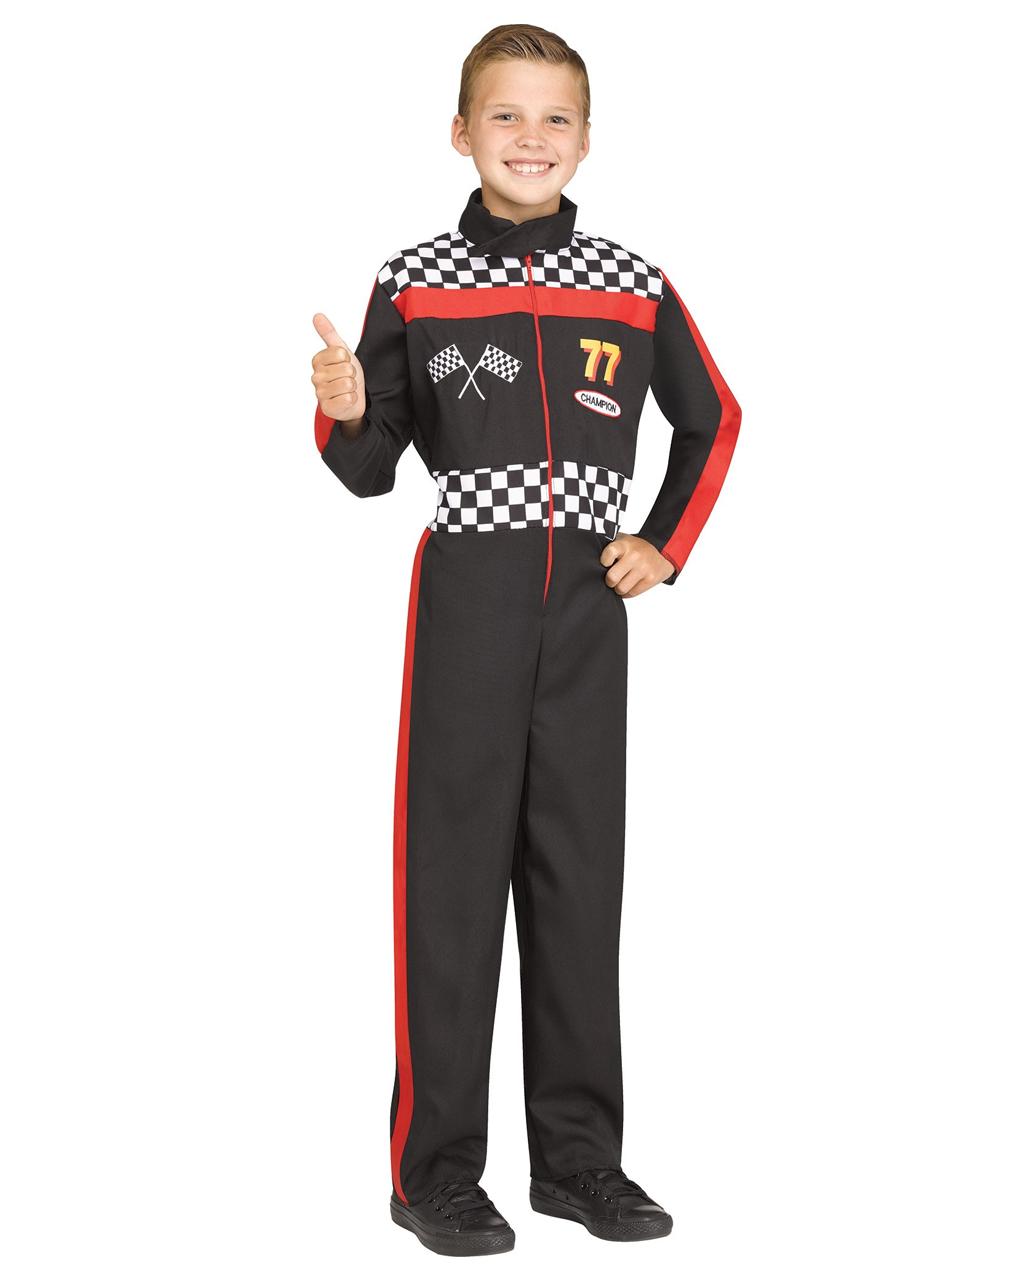 Child Daredevil Costume